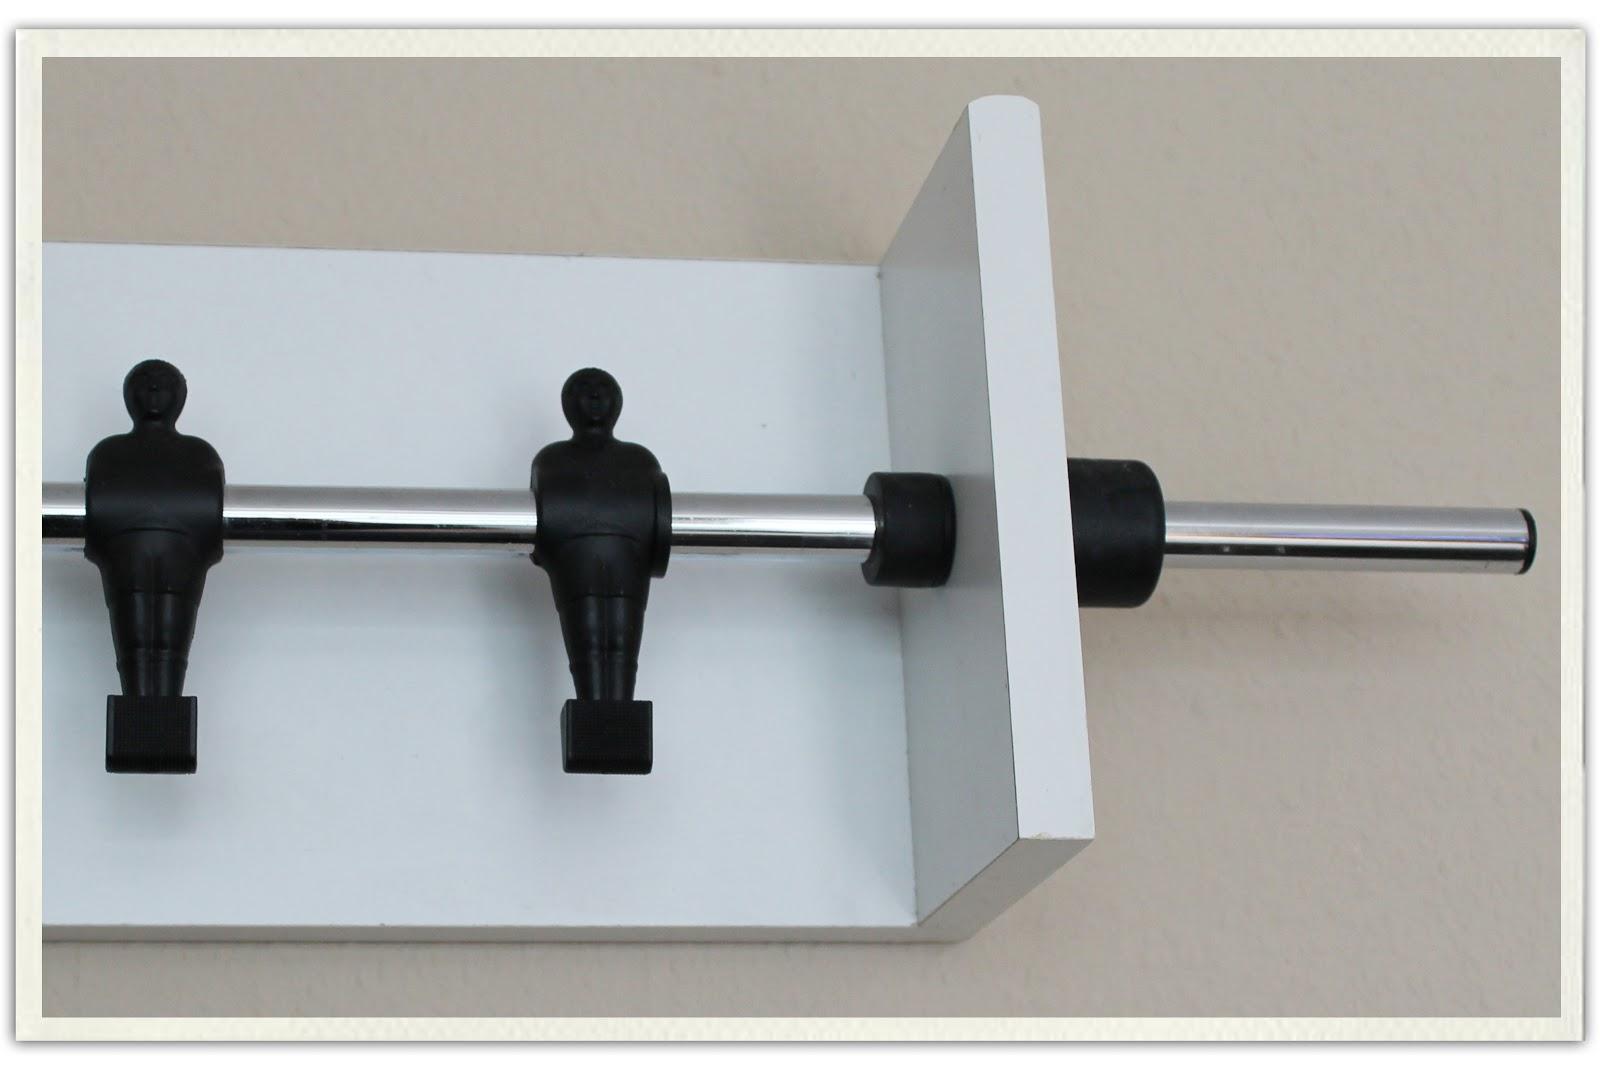 pottzblitz die garderobe f r den trikottausch. Black Bedroom Furniture Sets. Home Design Ideas